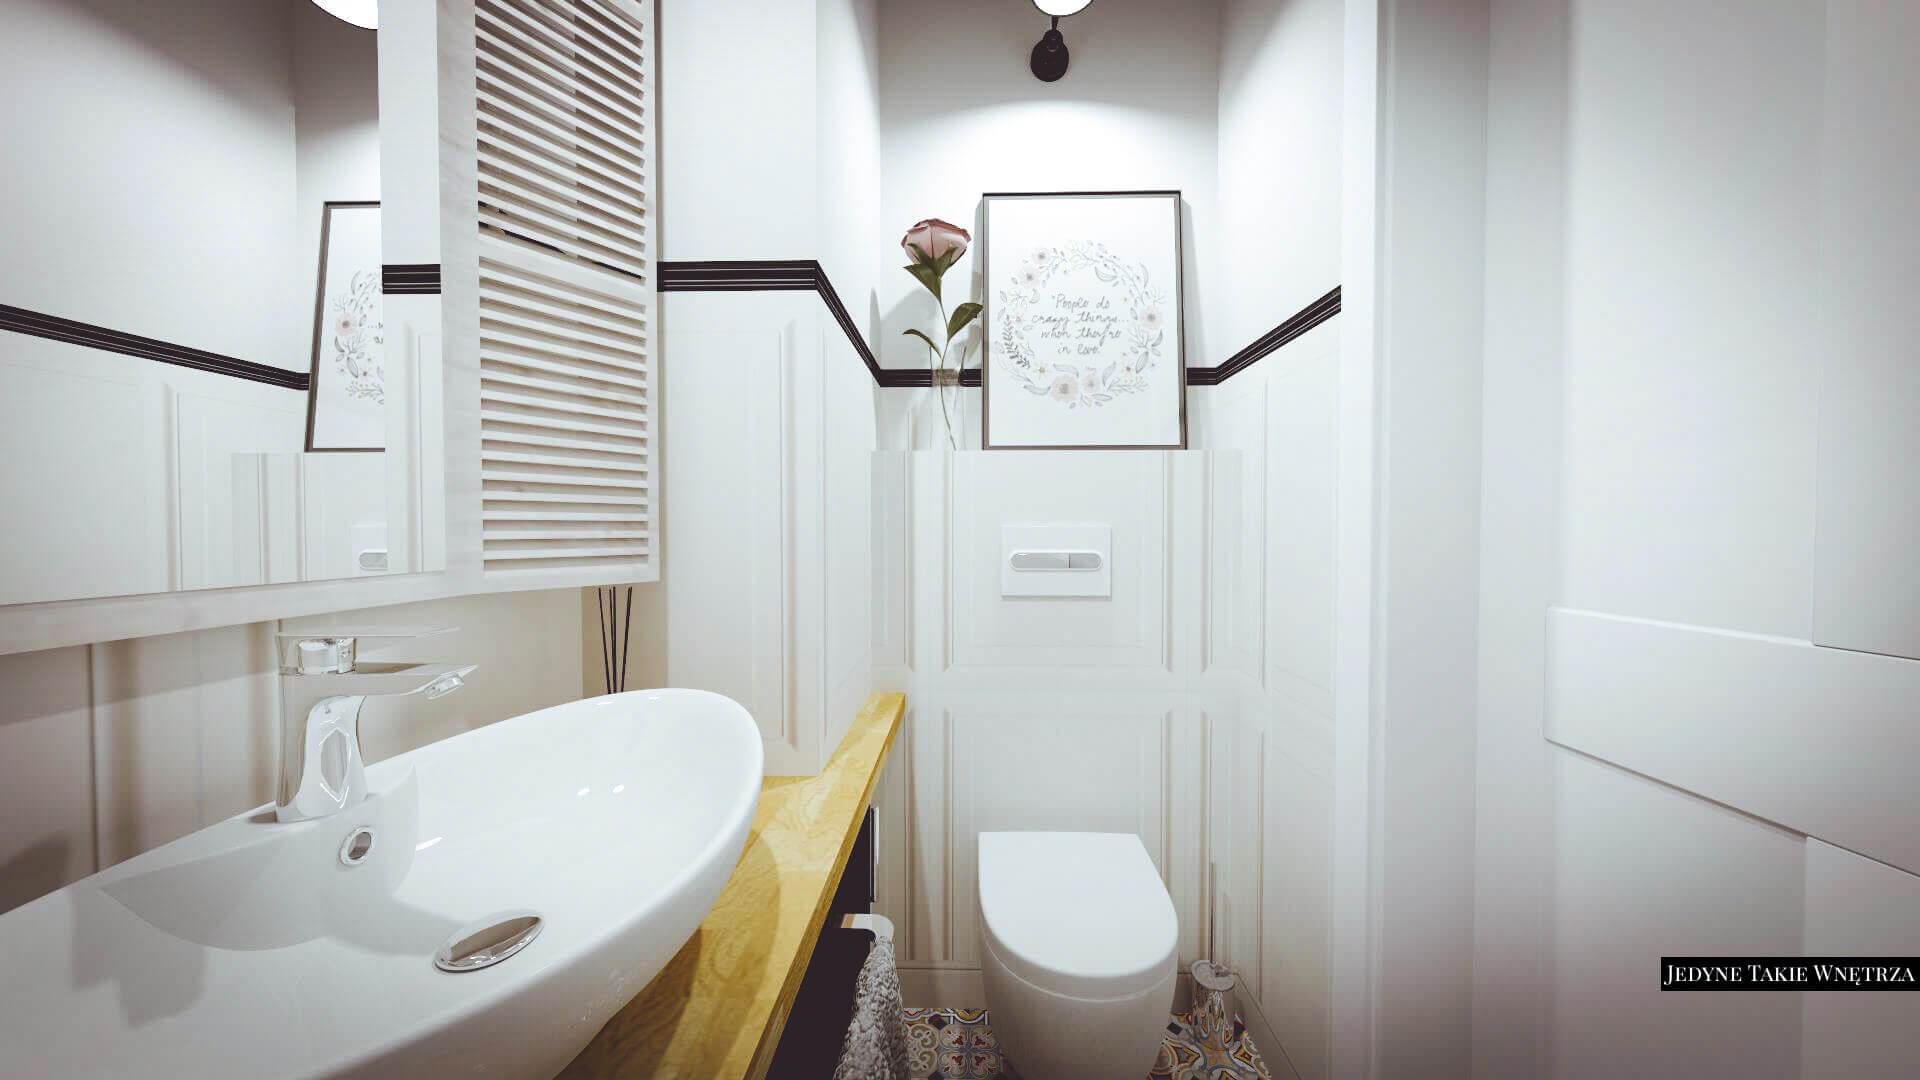 Aranzacja Toalety W Bieli I Czerni Z Plytkami Multicolor Vives